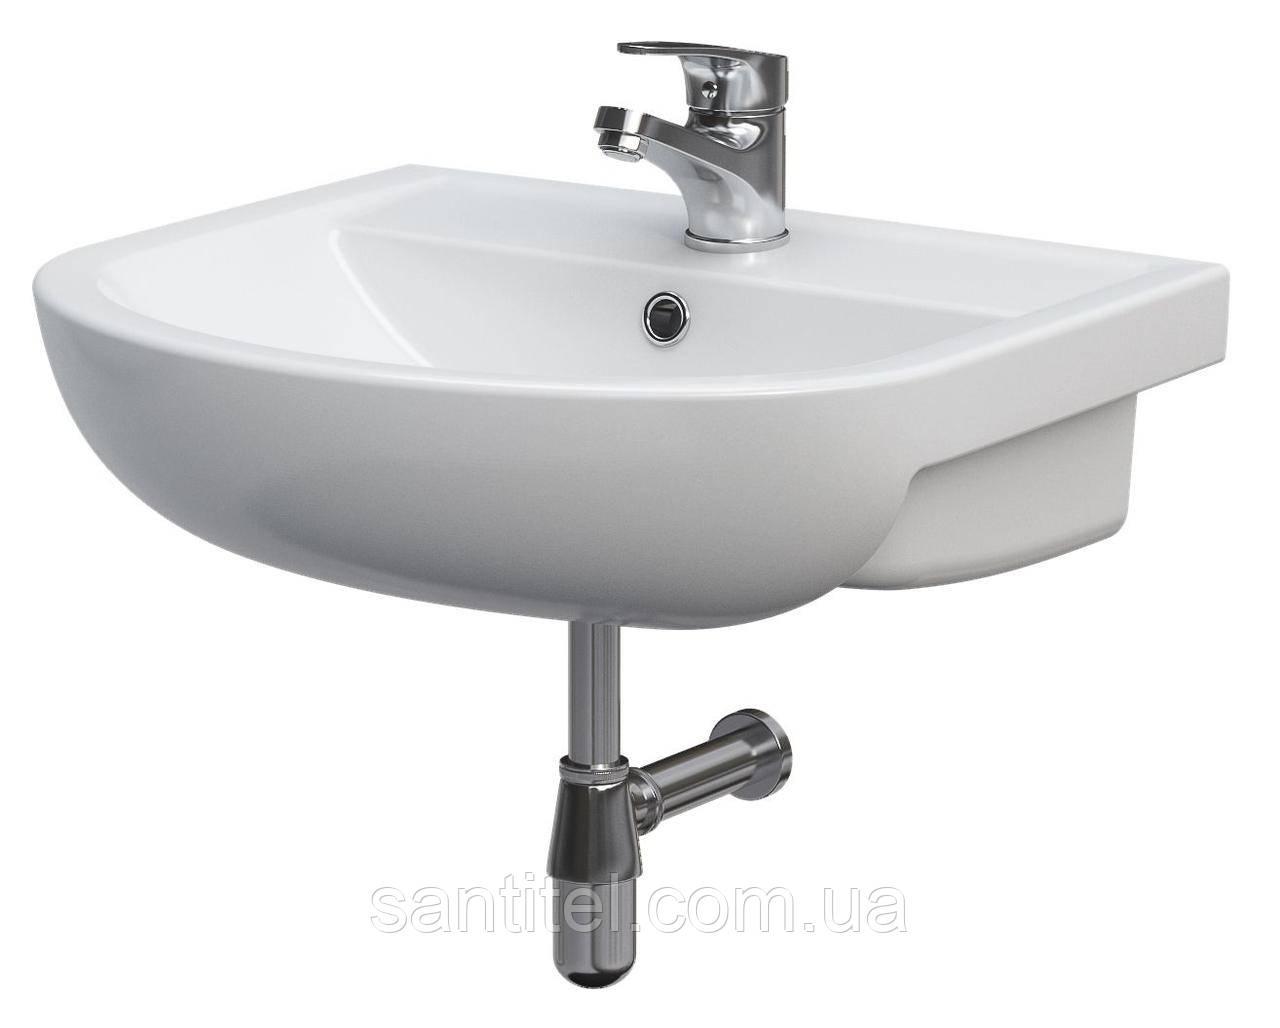 Умывальник мебельный Cersanit ARTECO 60